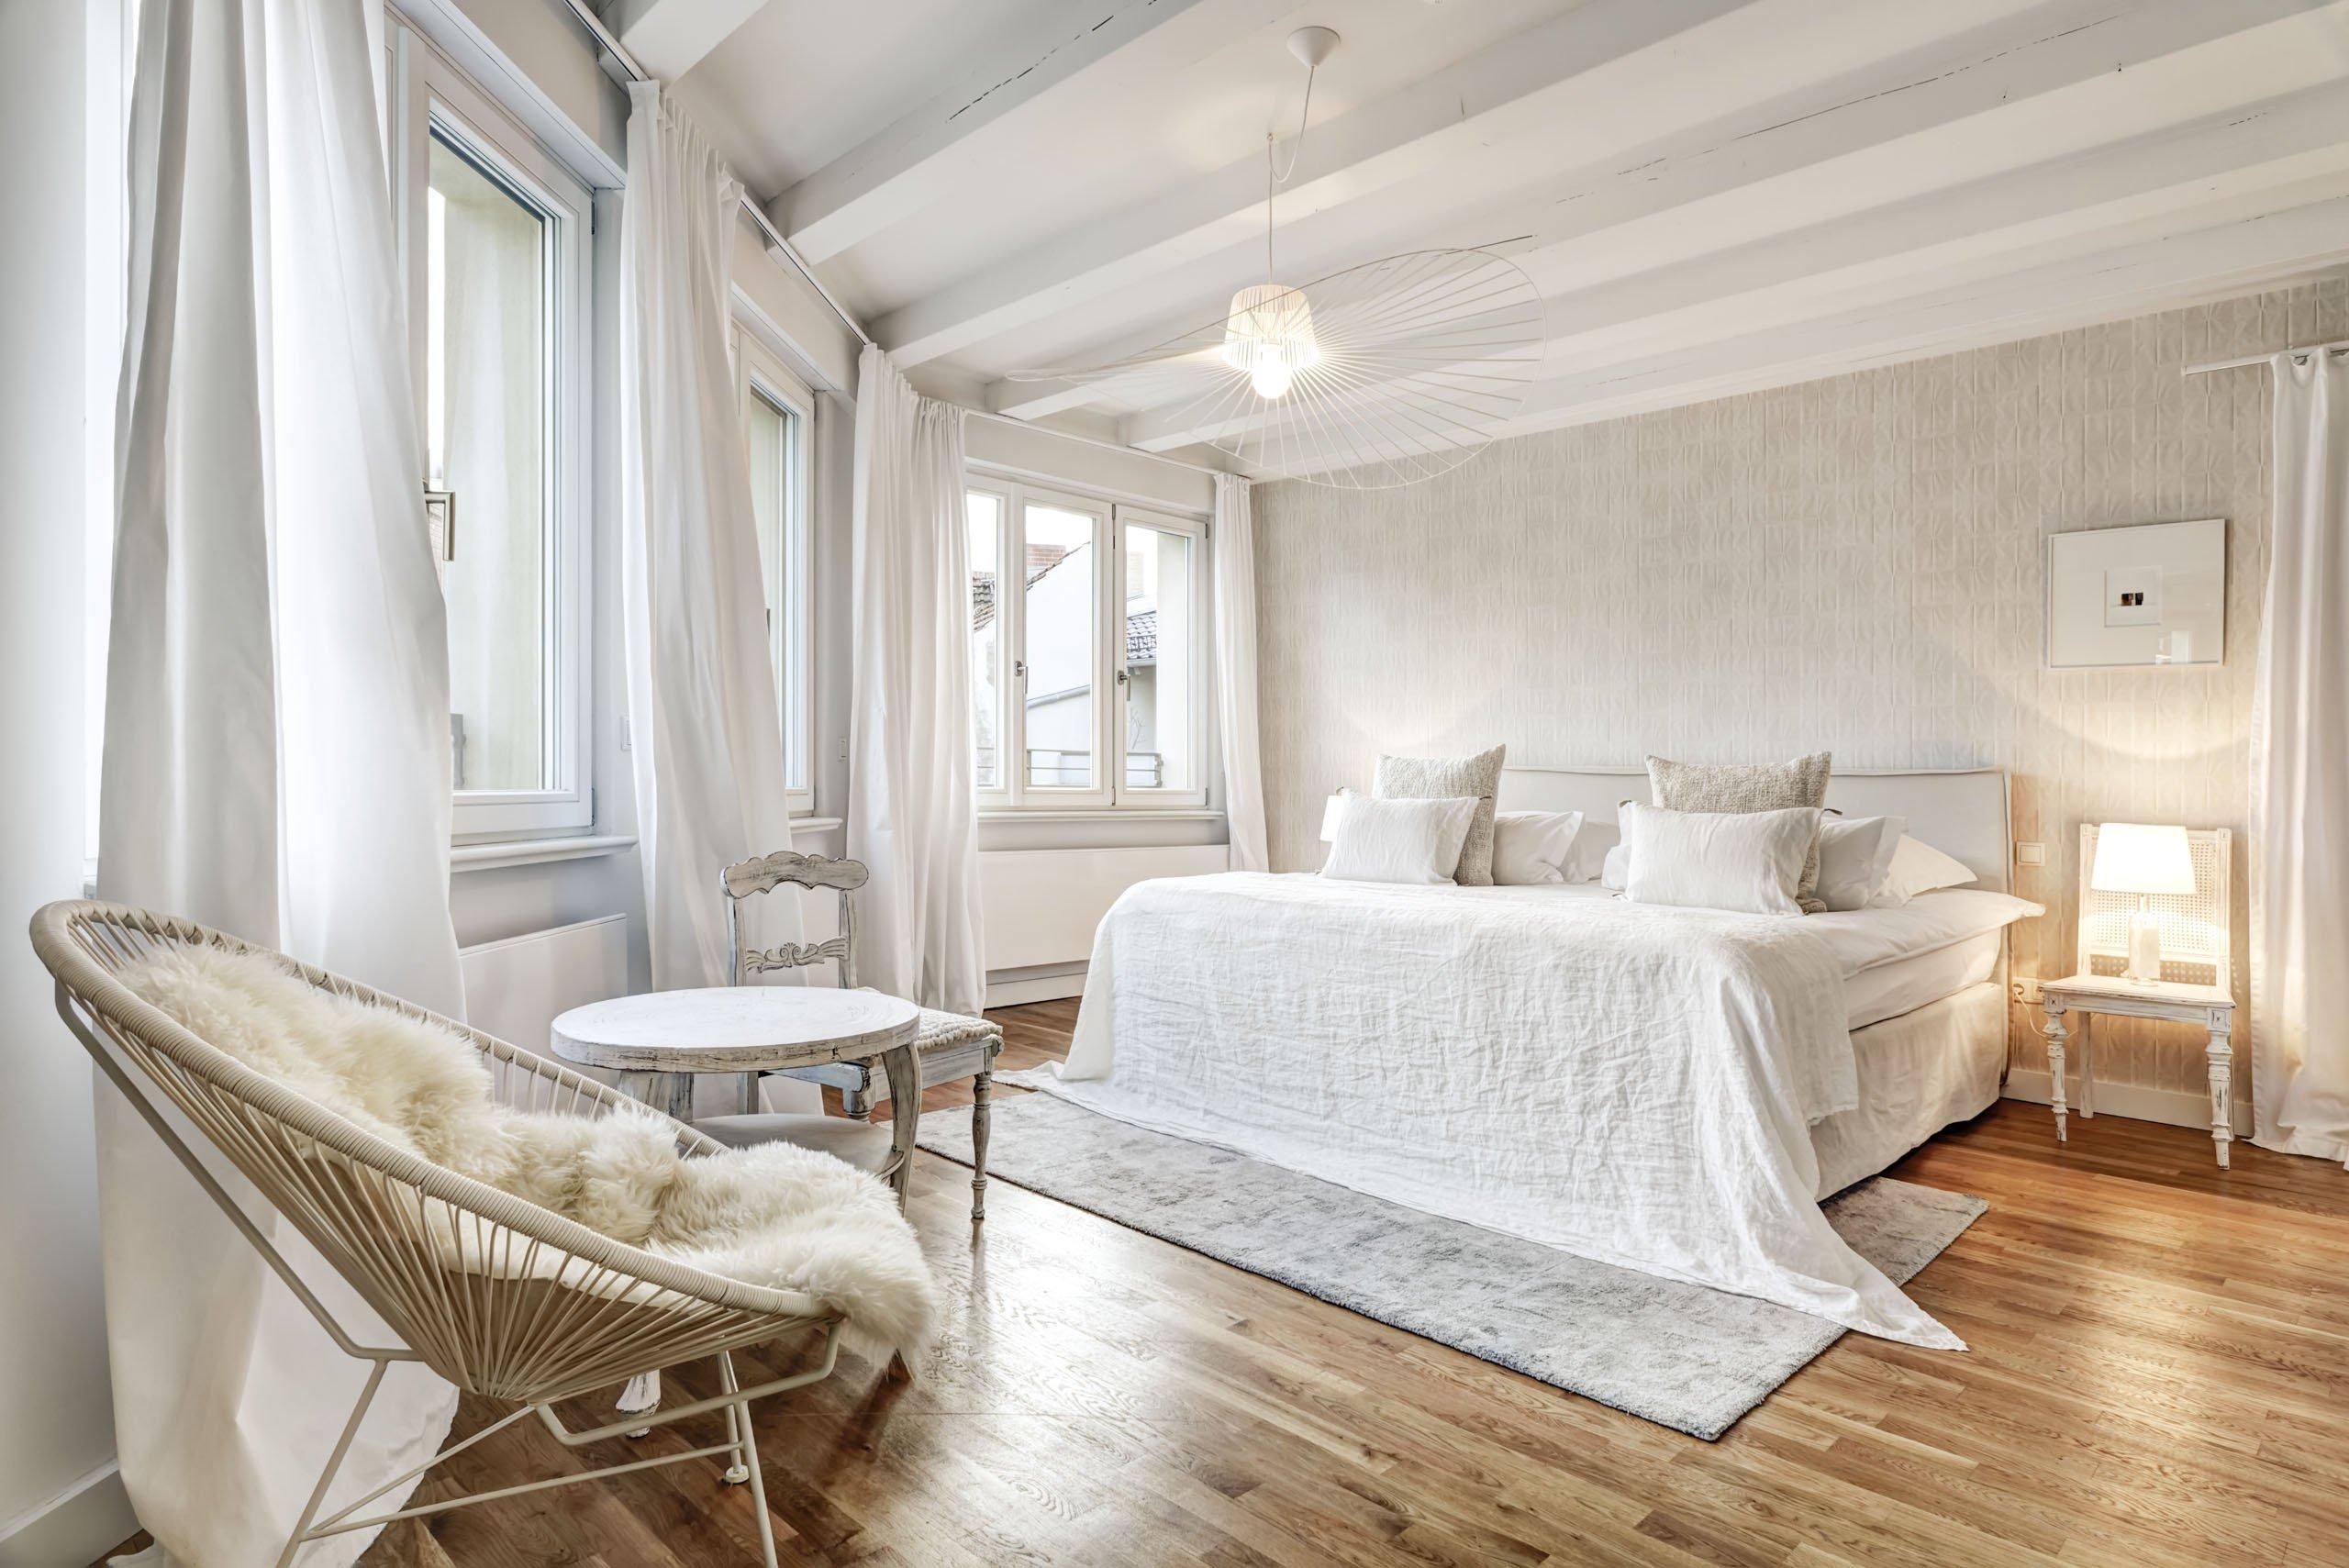 Beste Dieses Moderne Weise Penthouse Stockholm Demonstriert Luxus ...